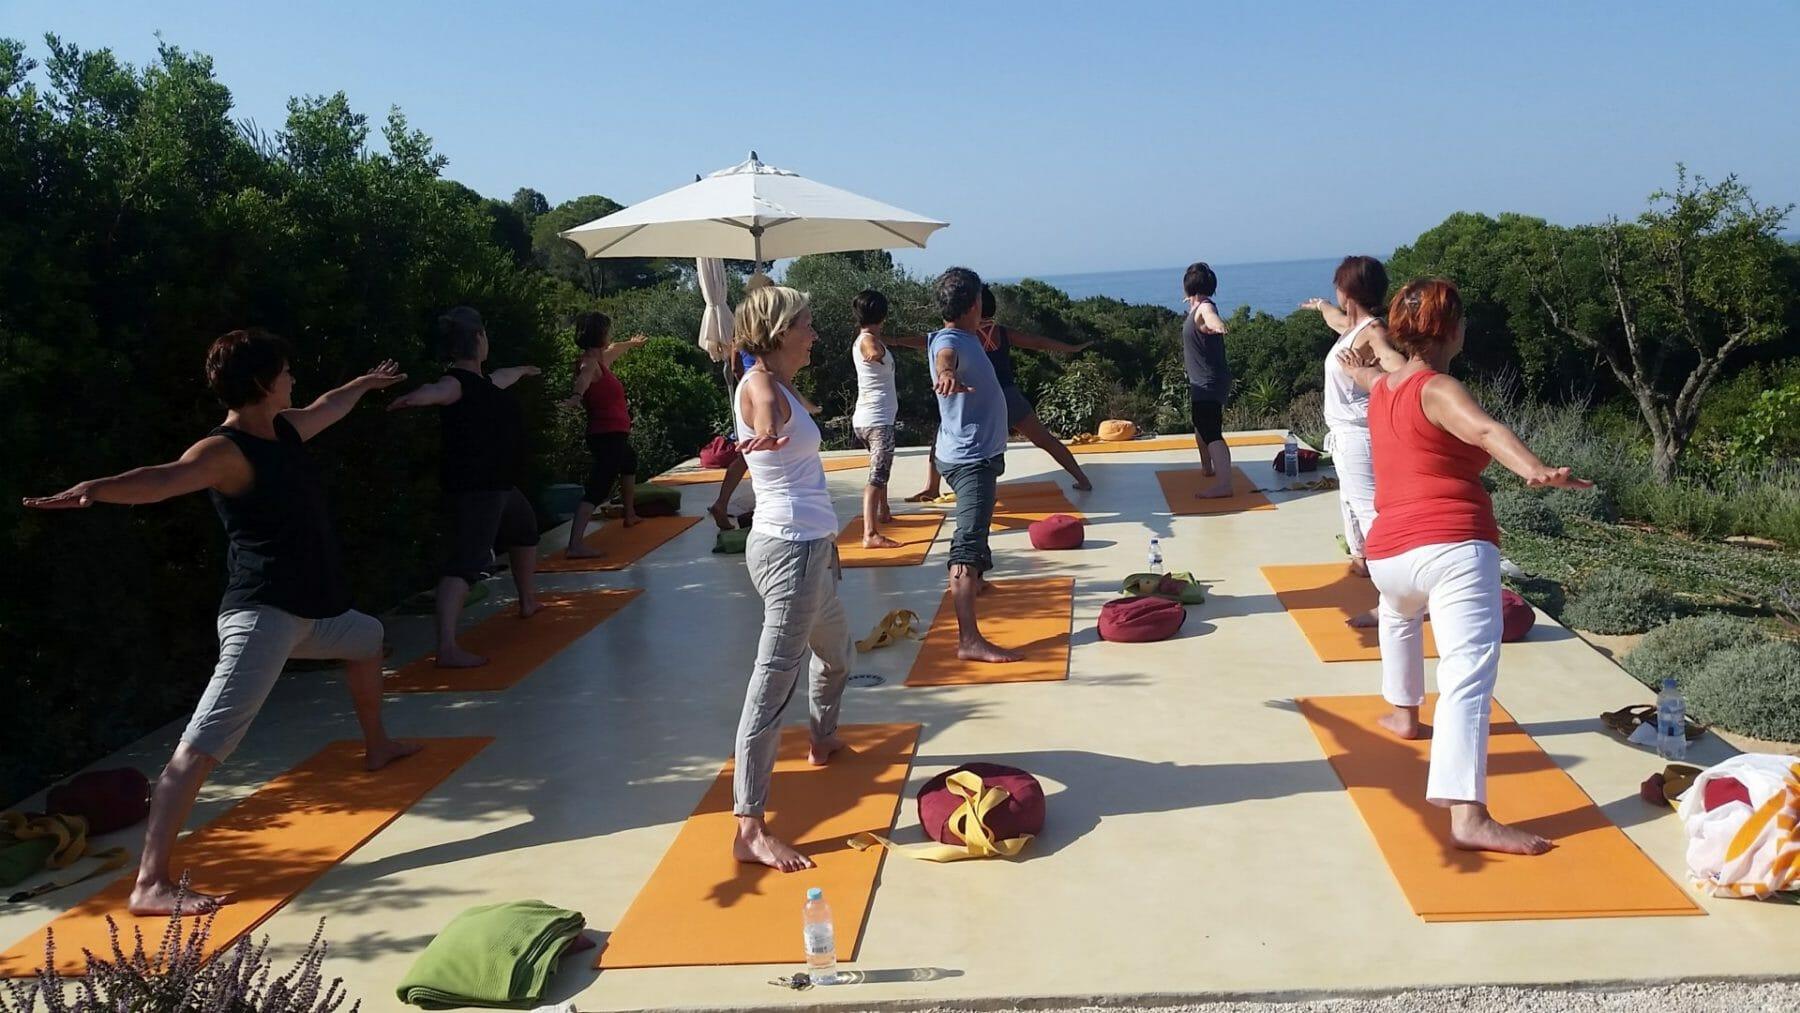 Gruppe auf Yogaplattform im Sommer Yoga Retreat mit Blick aufs Meer